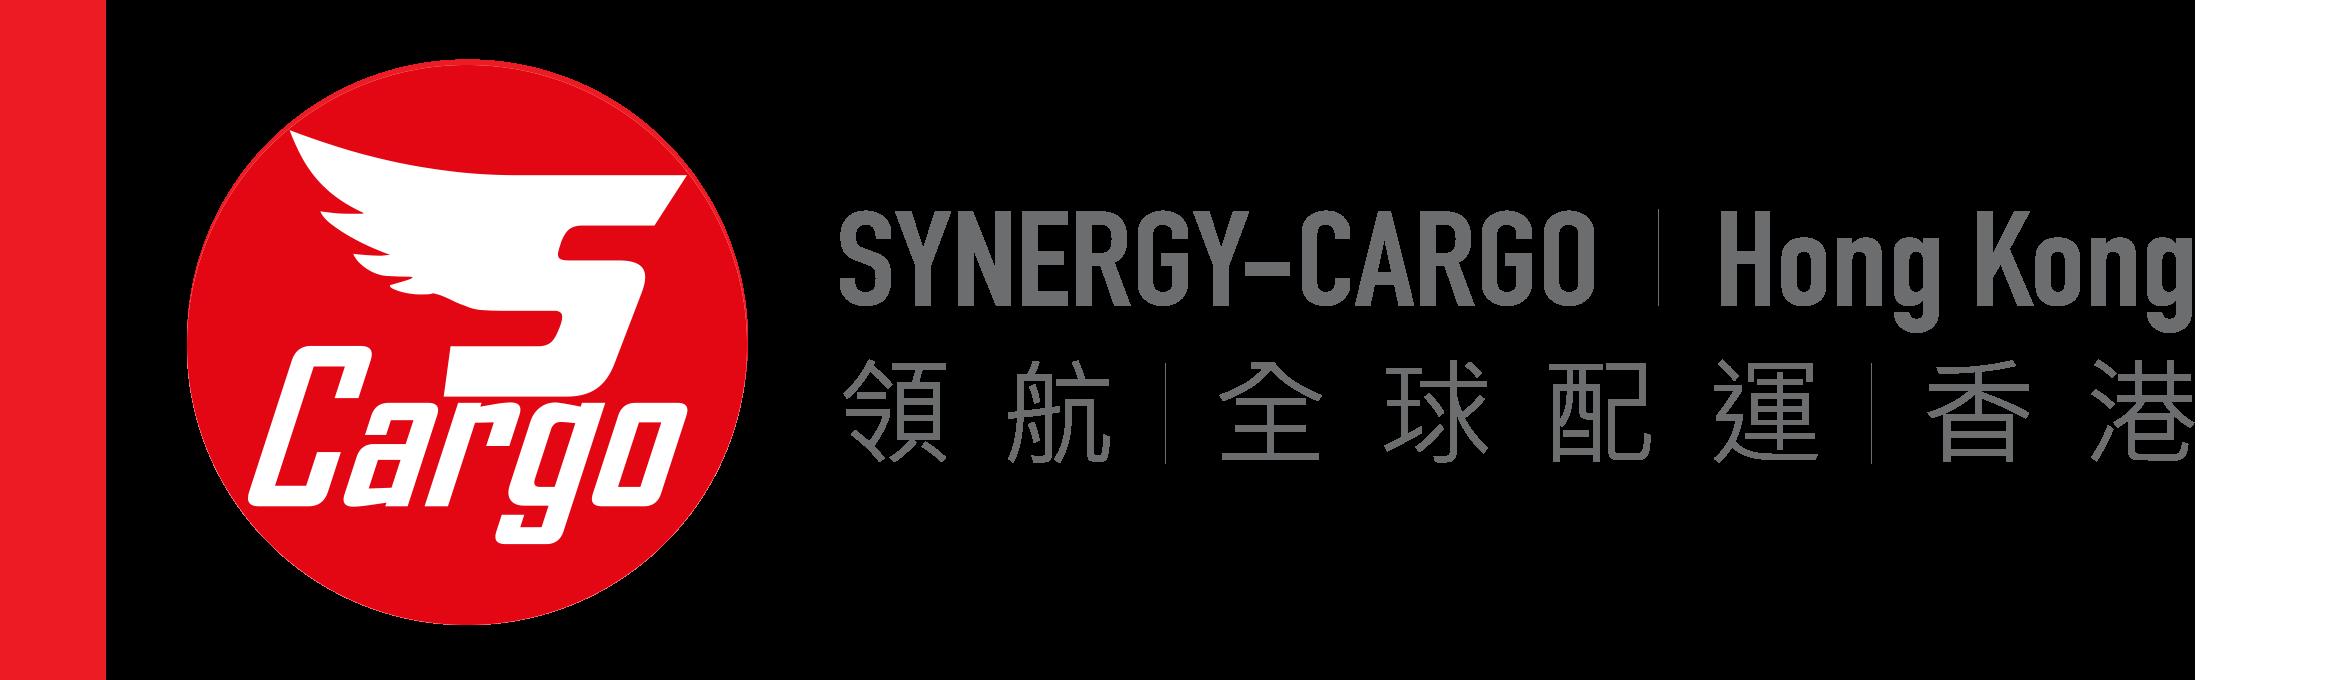 SYNERGY CARGO